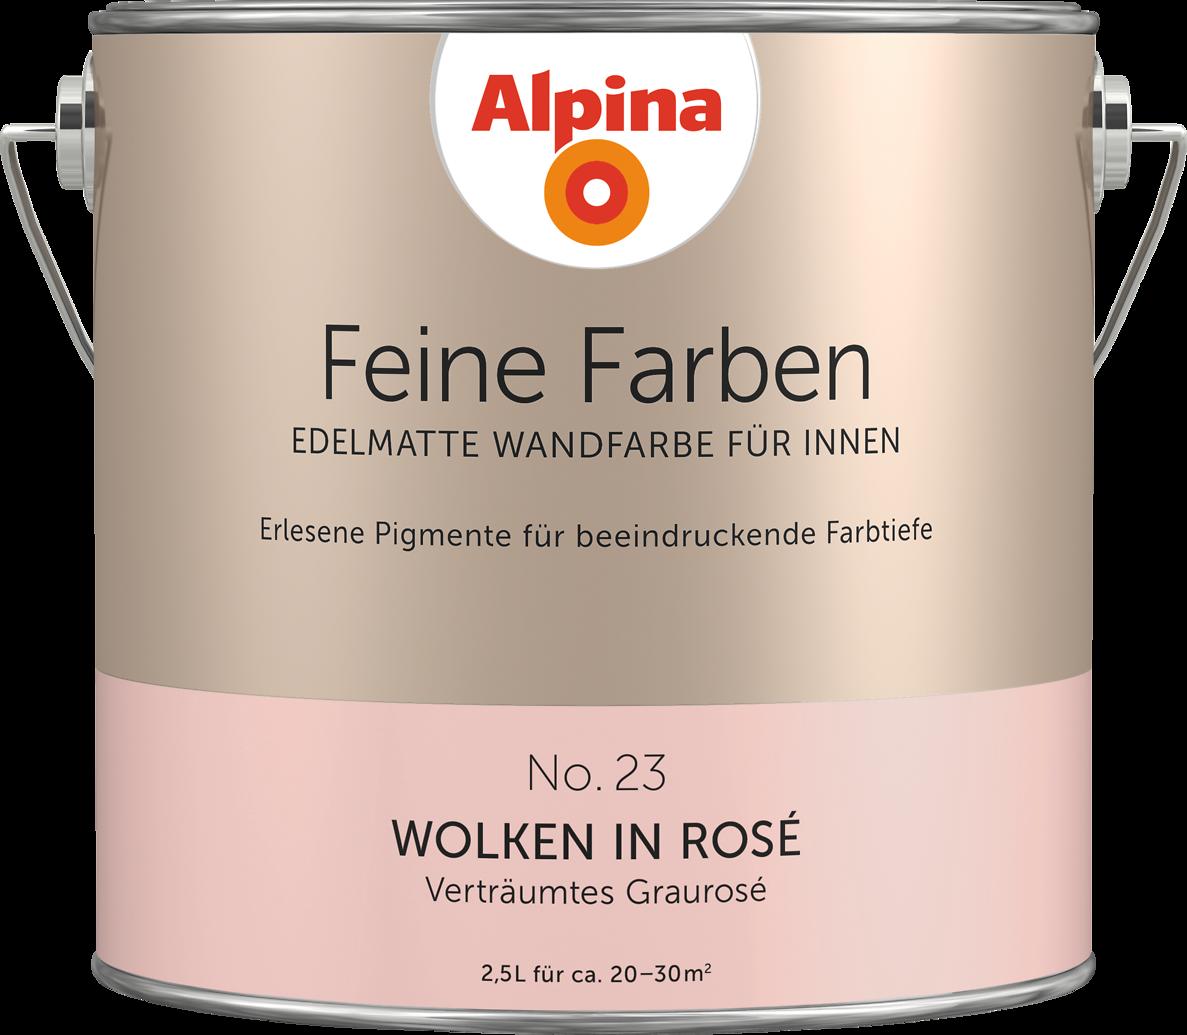 alpina feine farben no 23 wolken in ros alpina farben. Black Bedroom Furniture Sets. Home Design Ideas